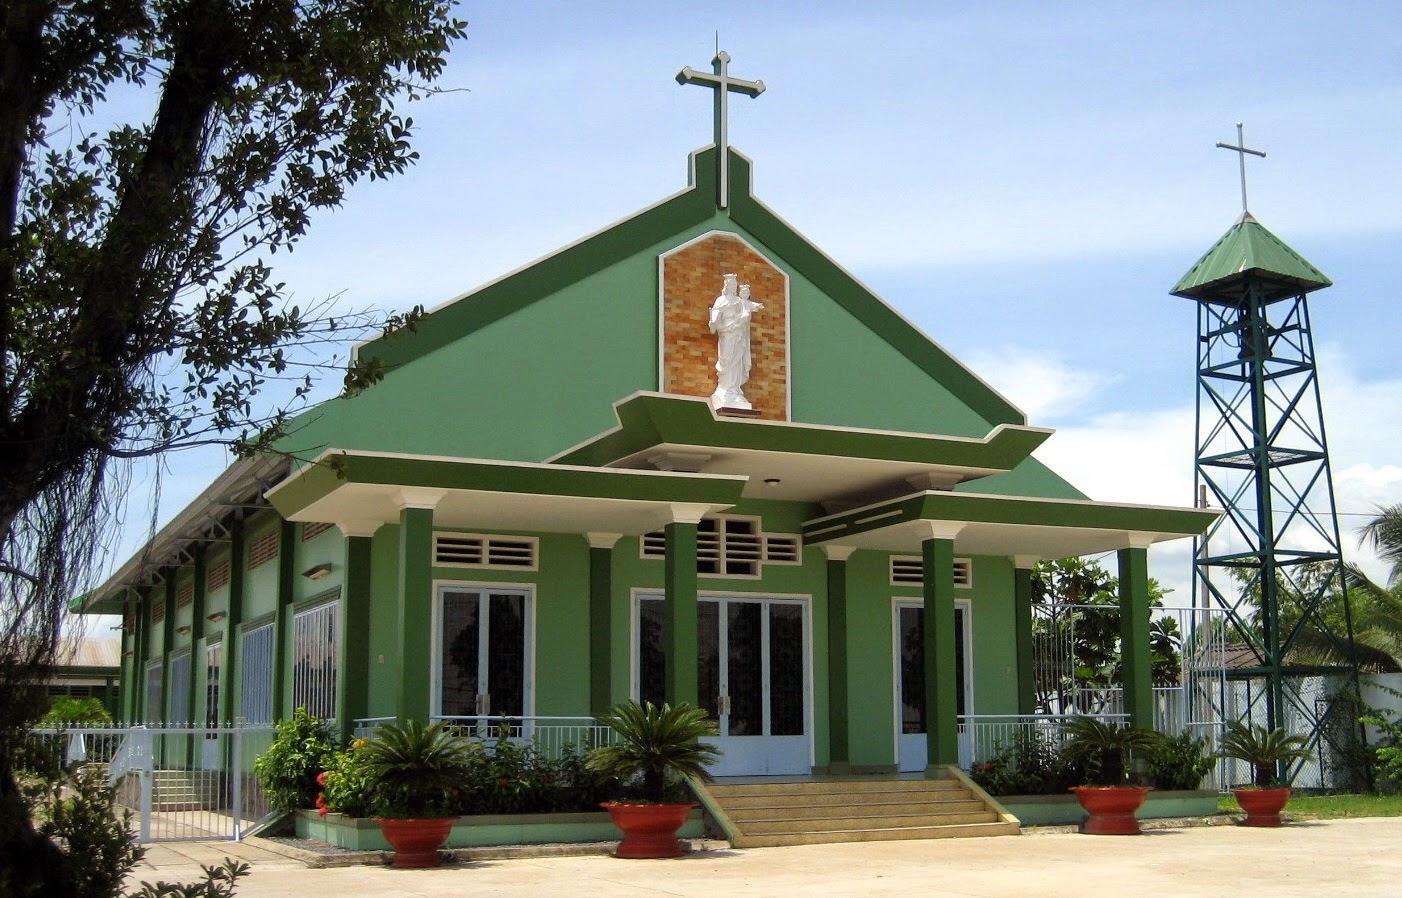 Giáo xứ truyền giáo Cầu Lớn, 1E Đặng Công Bỉnh, Xuân Thới Sơn, Hóc Môn, Tp.HCM